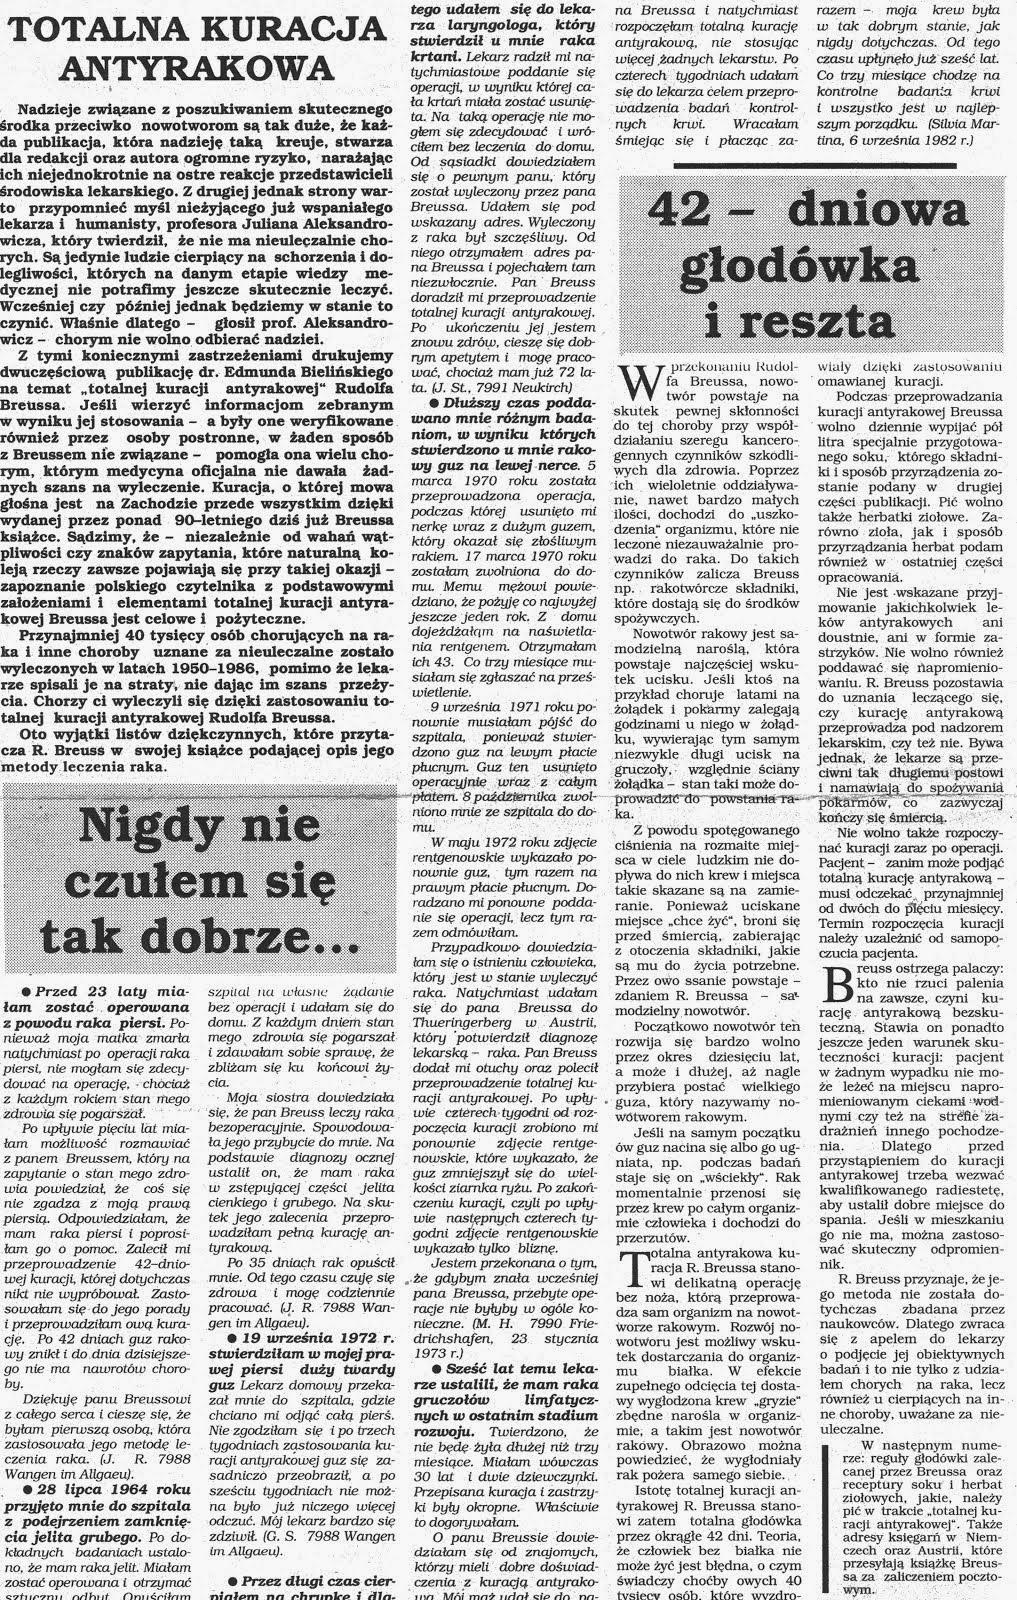 TOTALNA KURACJA ANTYRAKOWA